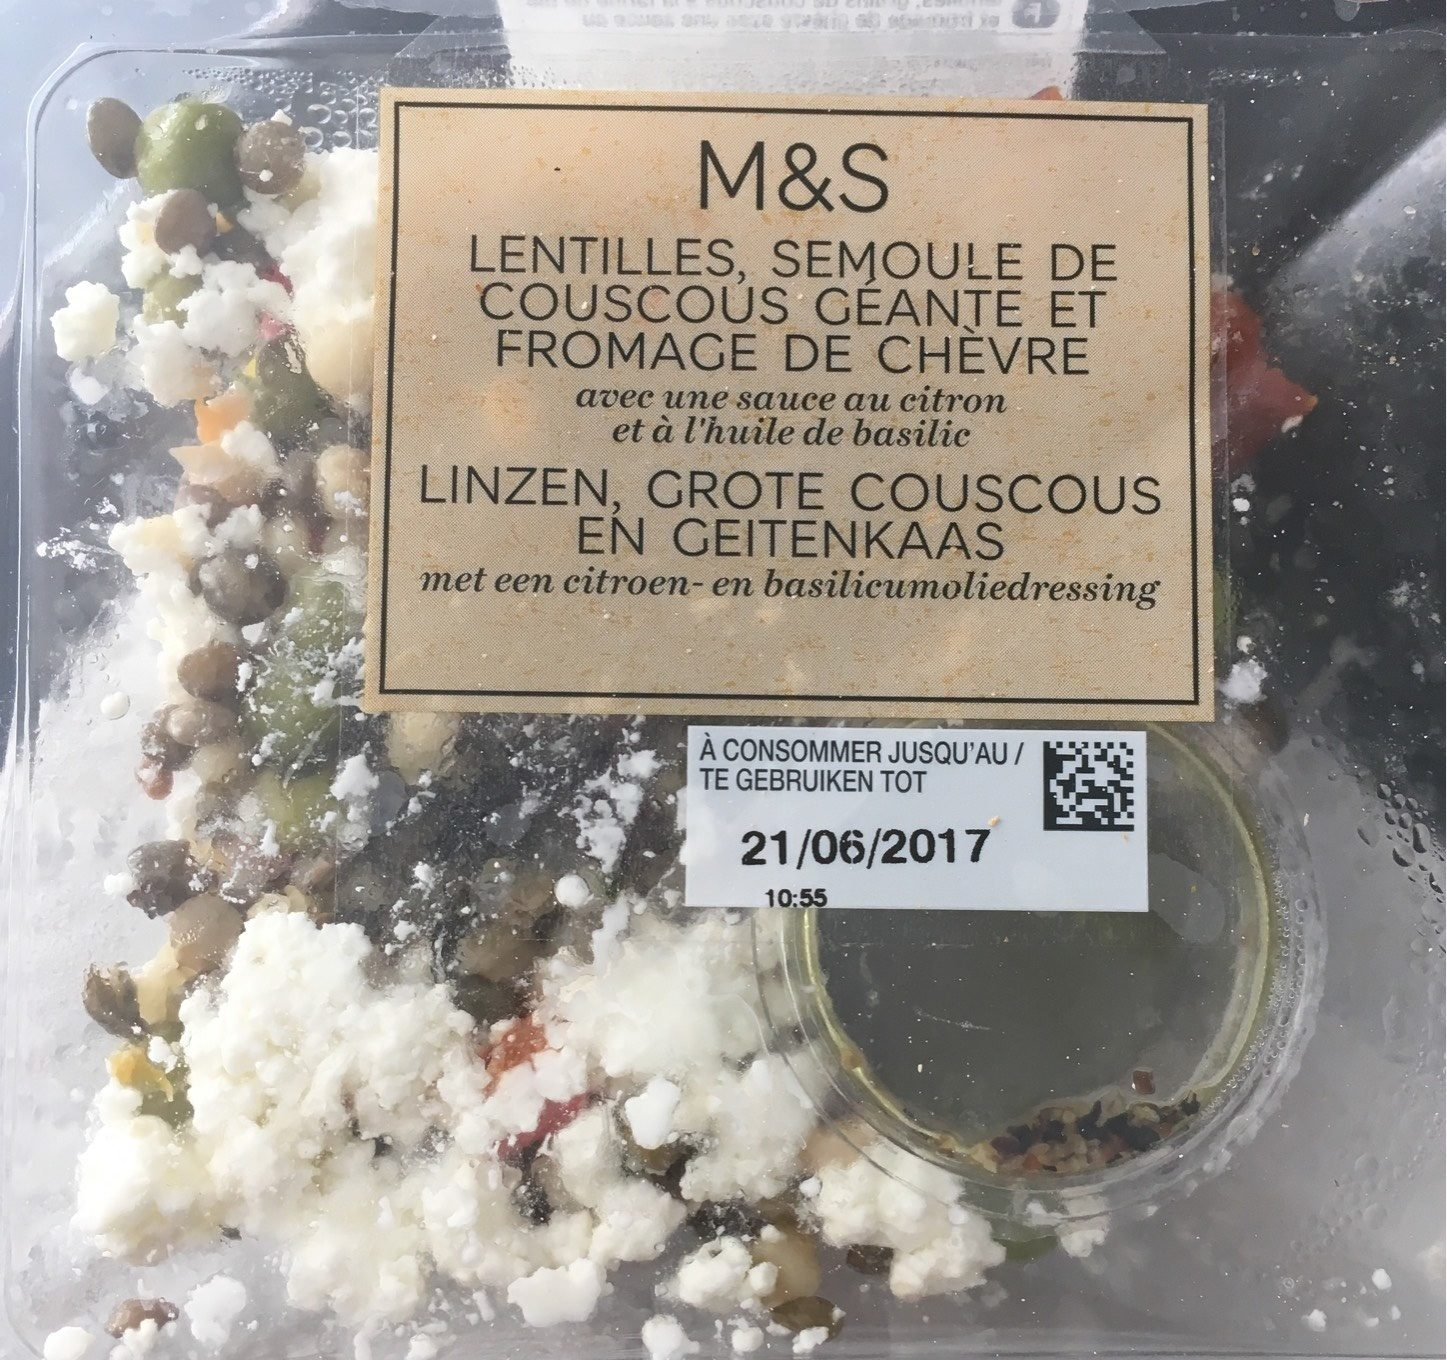 Lentille semoule de couscous geante et fromage de chevre - Produit